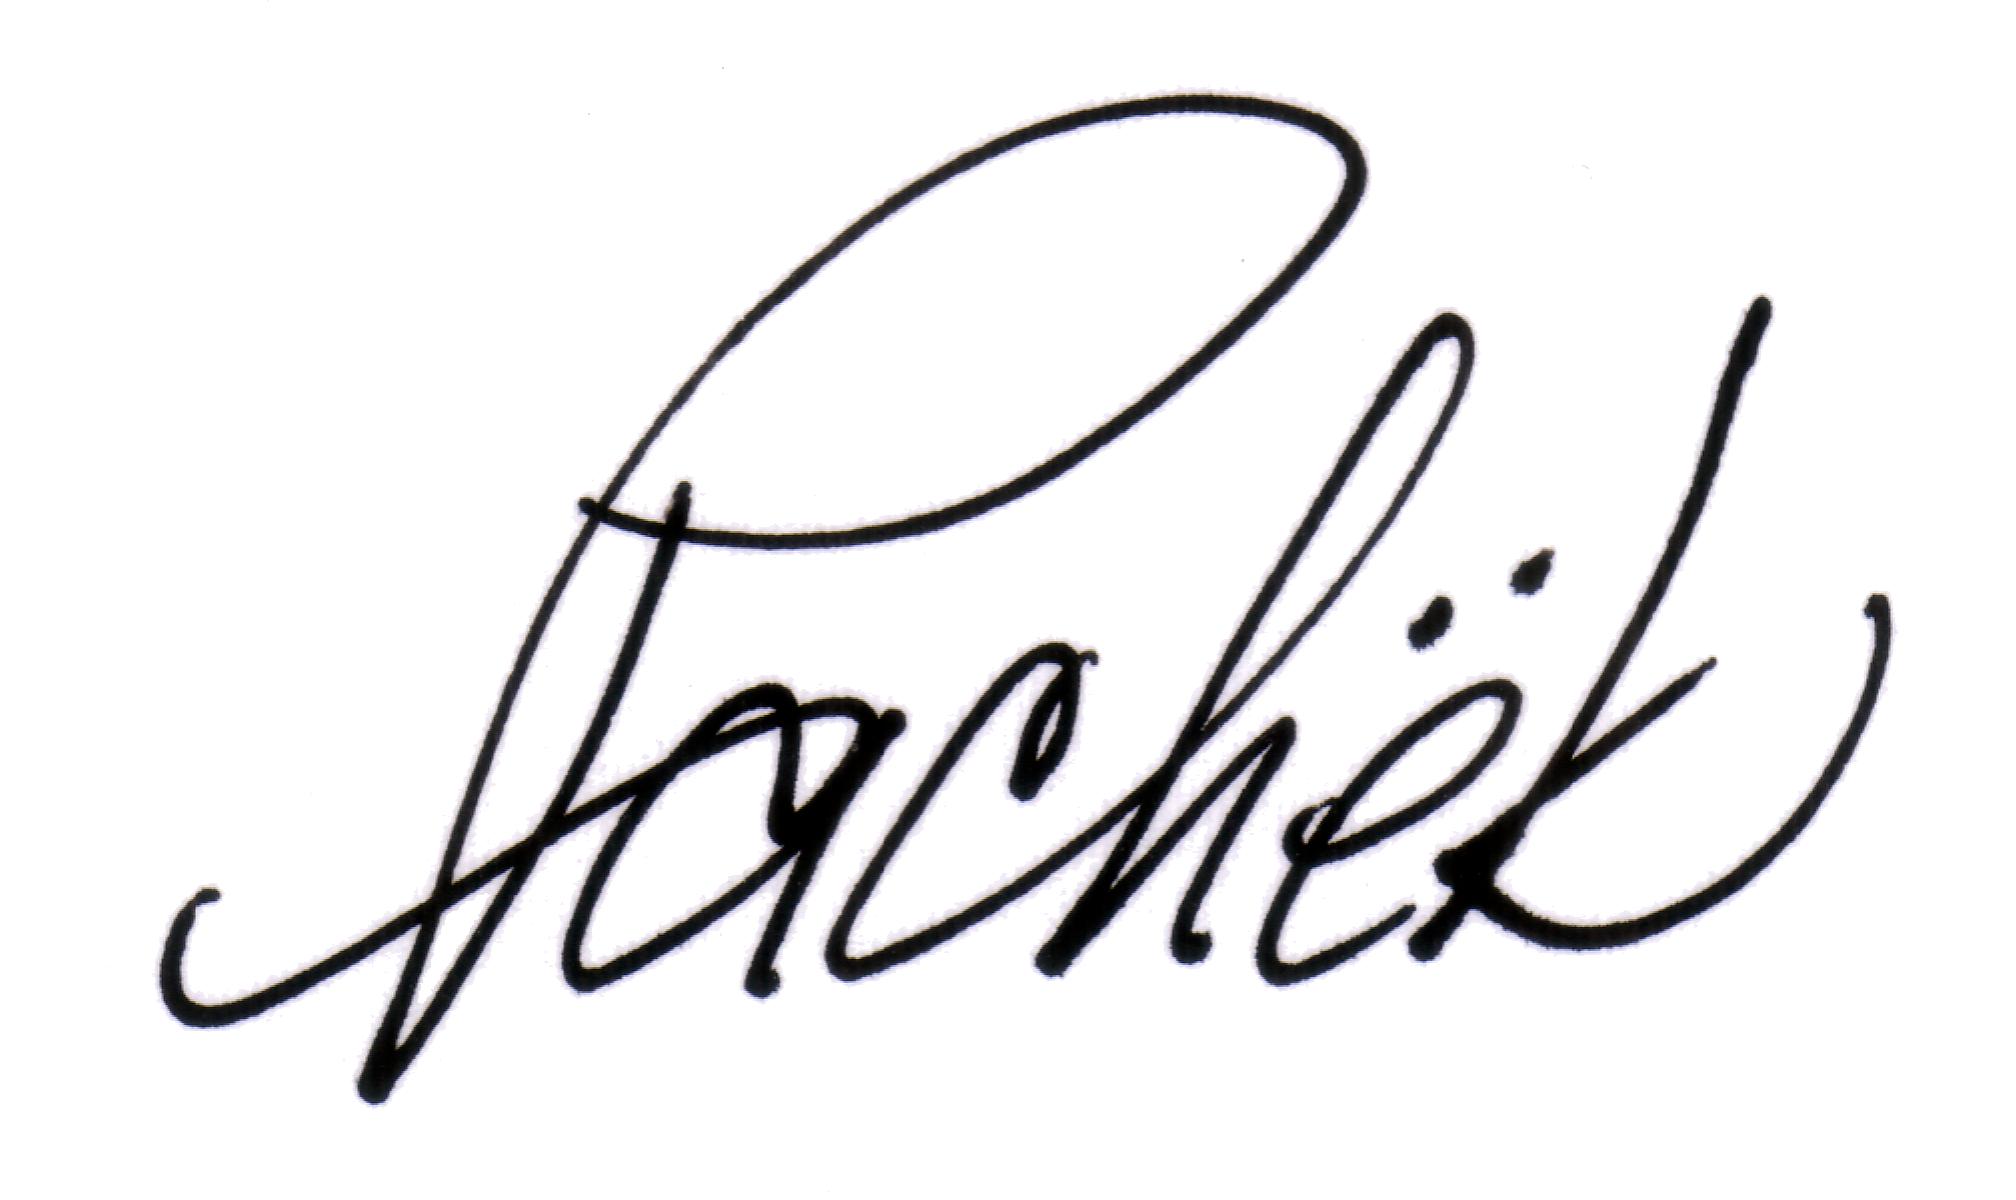 R. Prentice Gividen's Signature